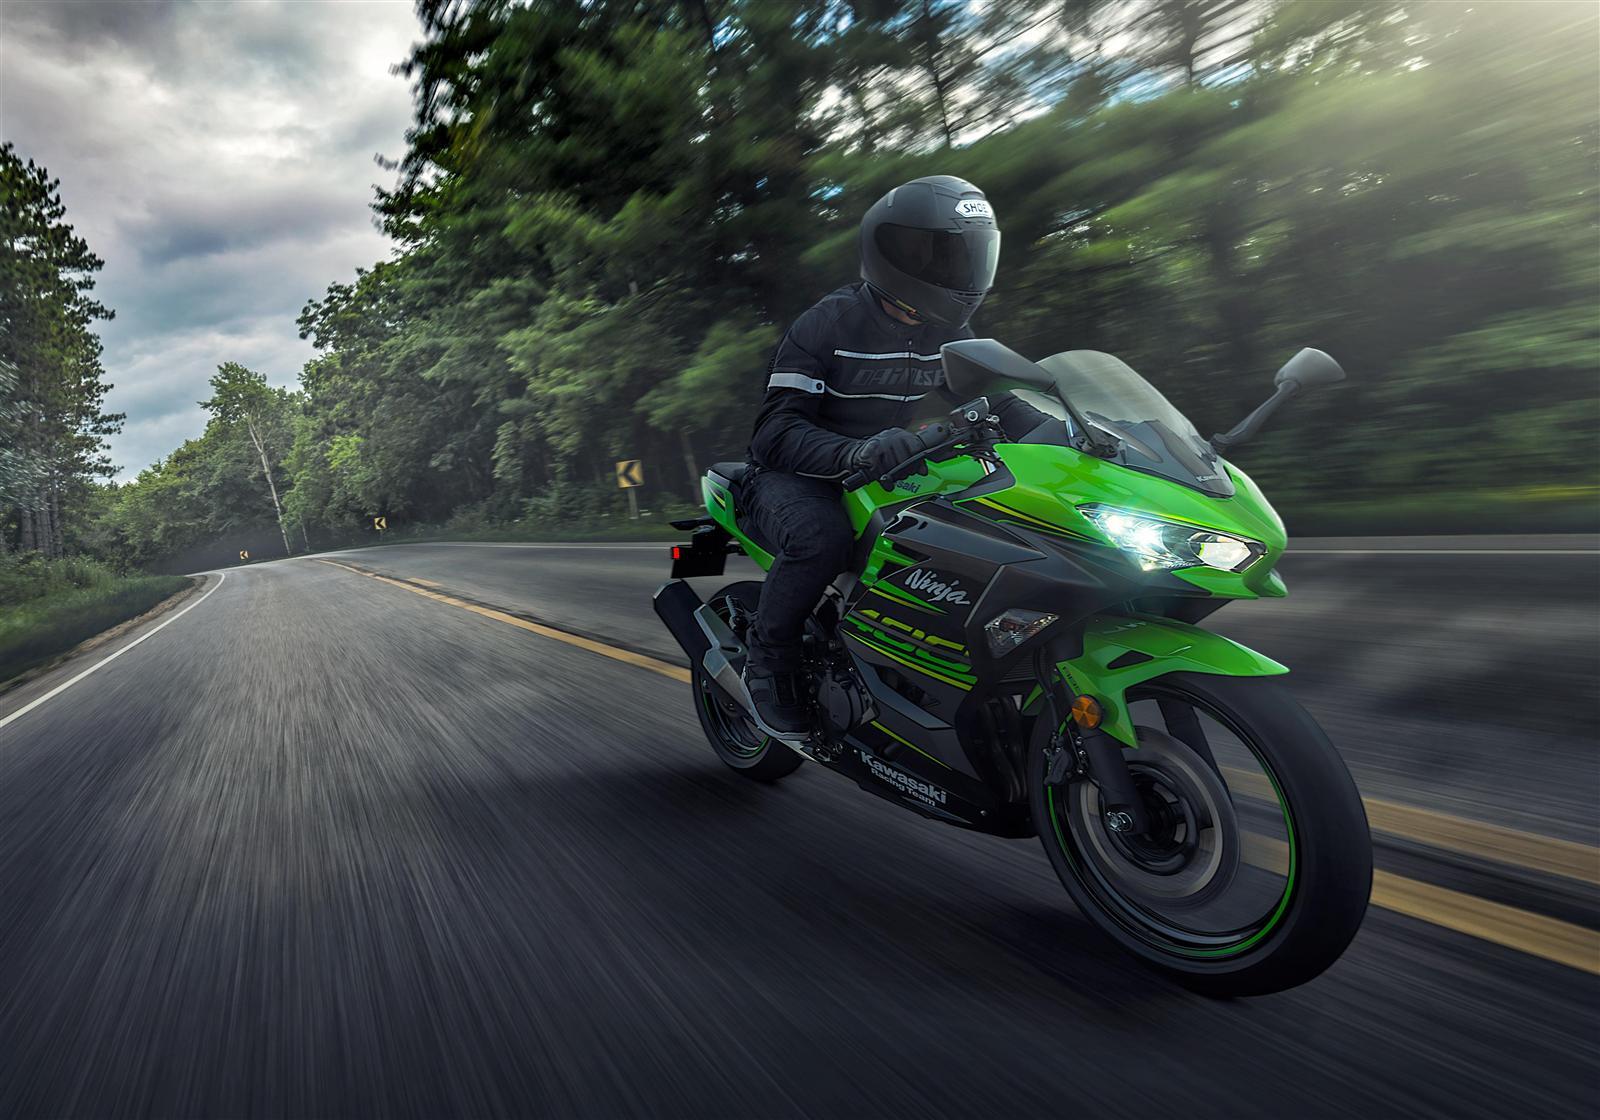 Kawasaki Ninja 400 wypad za miasto